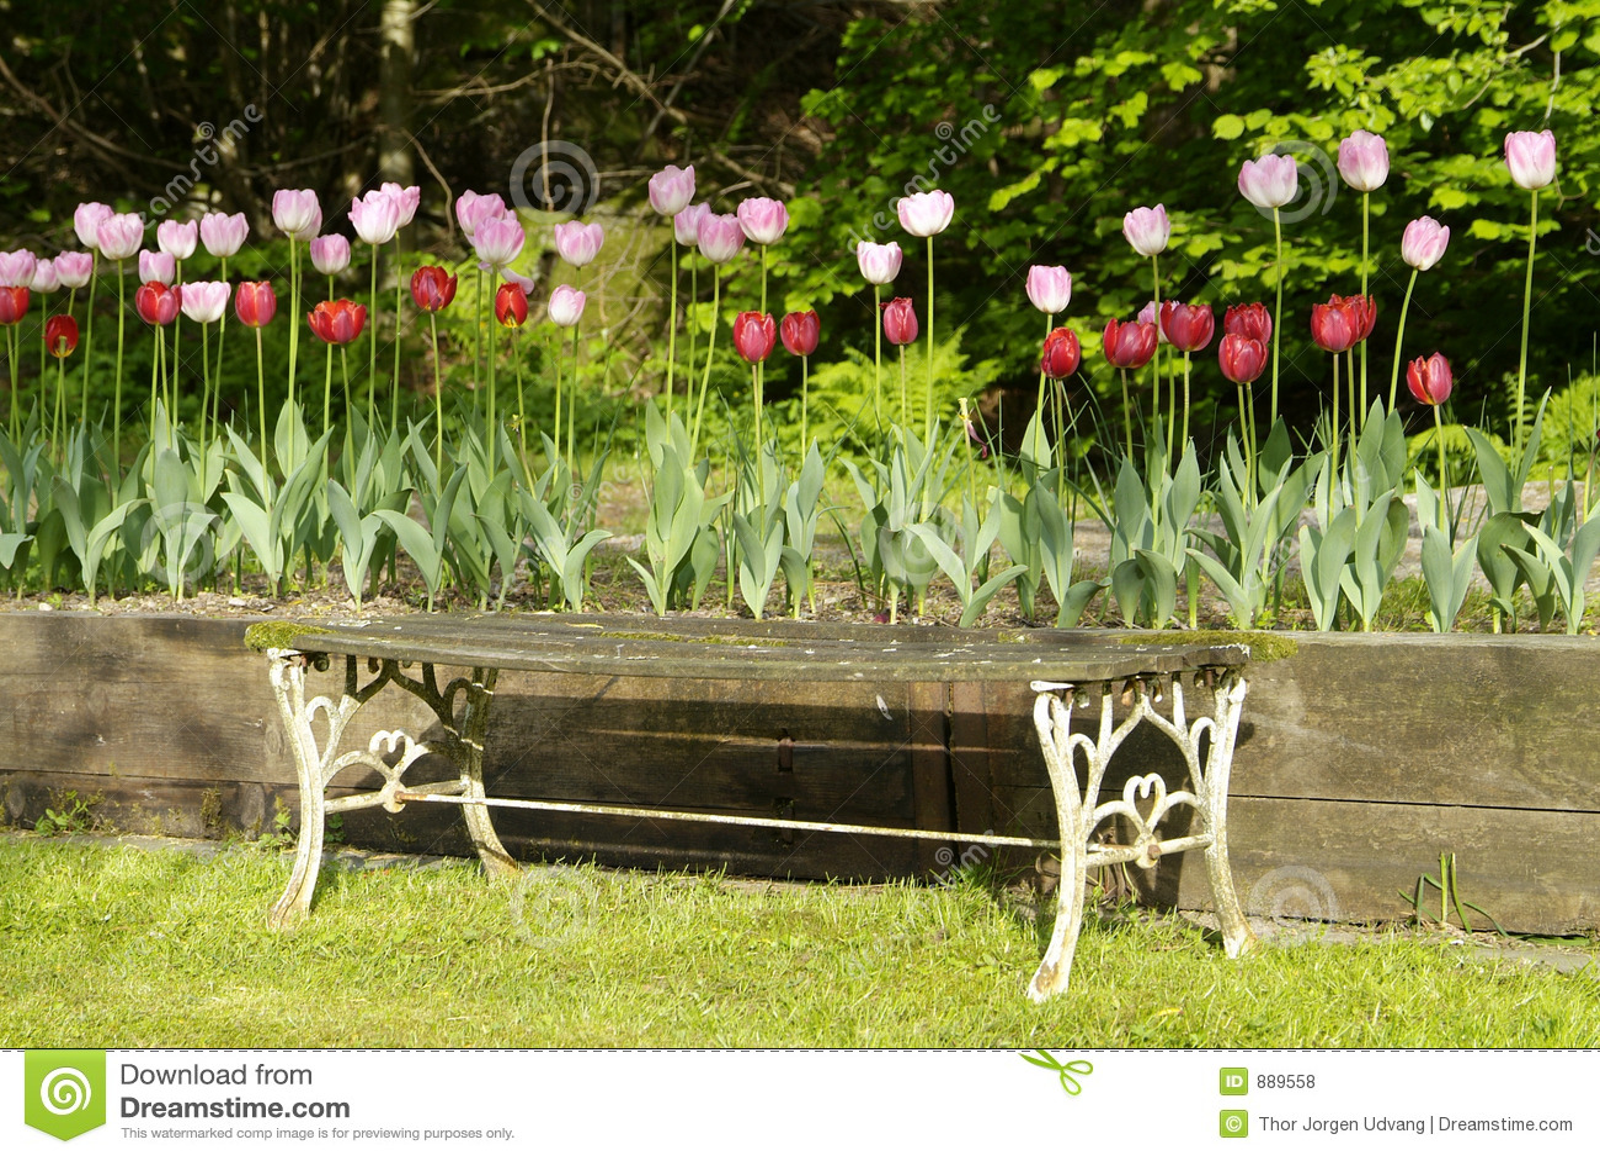 Tulipany ogrodowe stanowiska badawczego